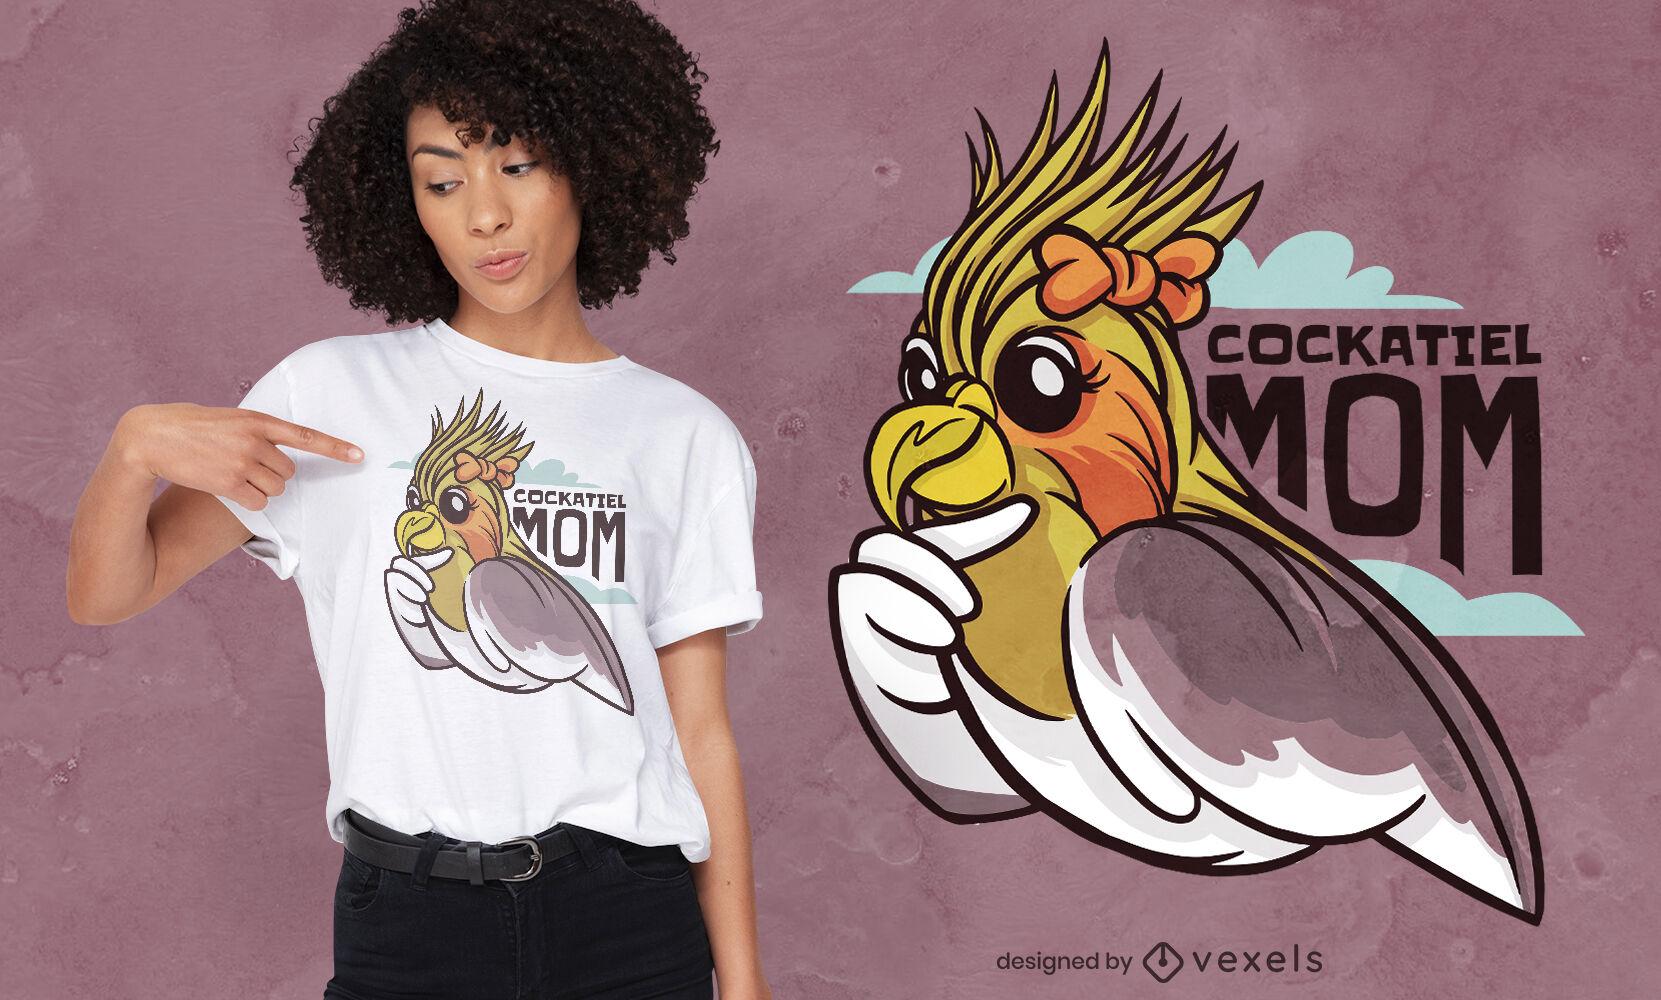 Diseño de camiseta de dibujos animados de mamá pájaro cockatiel